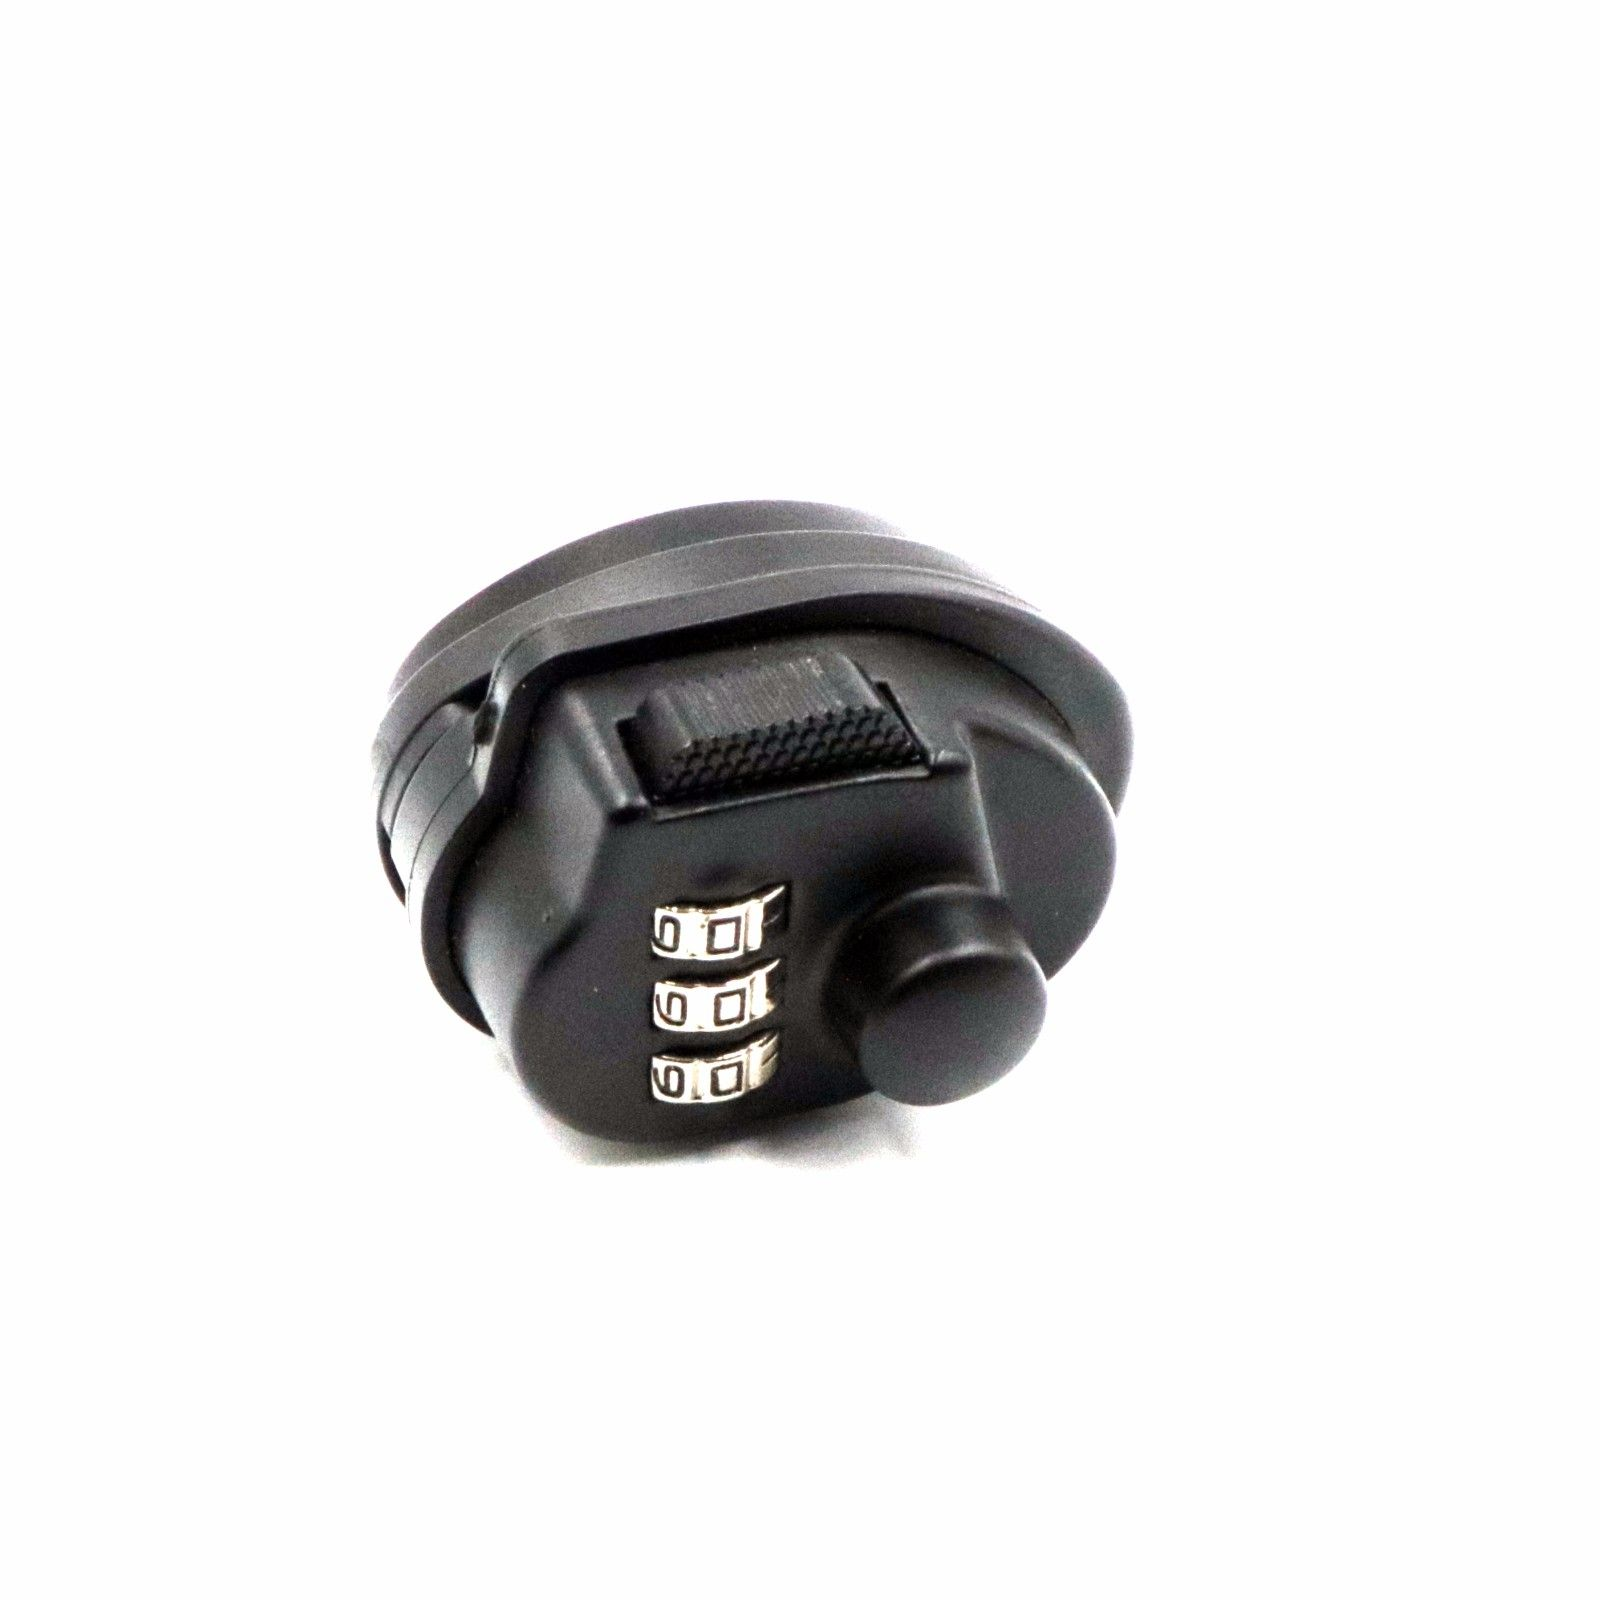 Black Tumbler Metal 3-Dial Combination Safe Pin Safety Pick Gun Lock